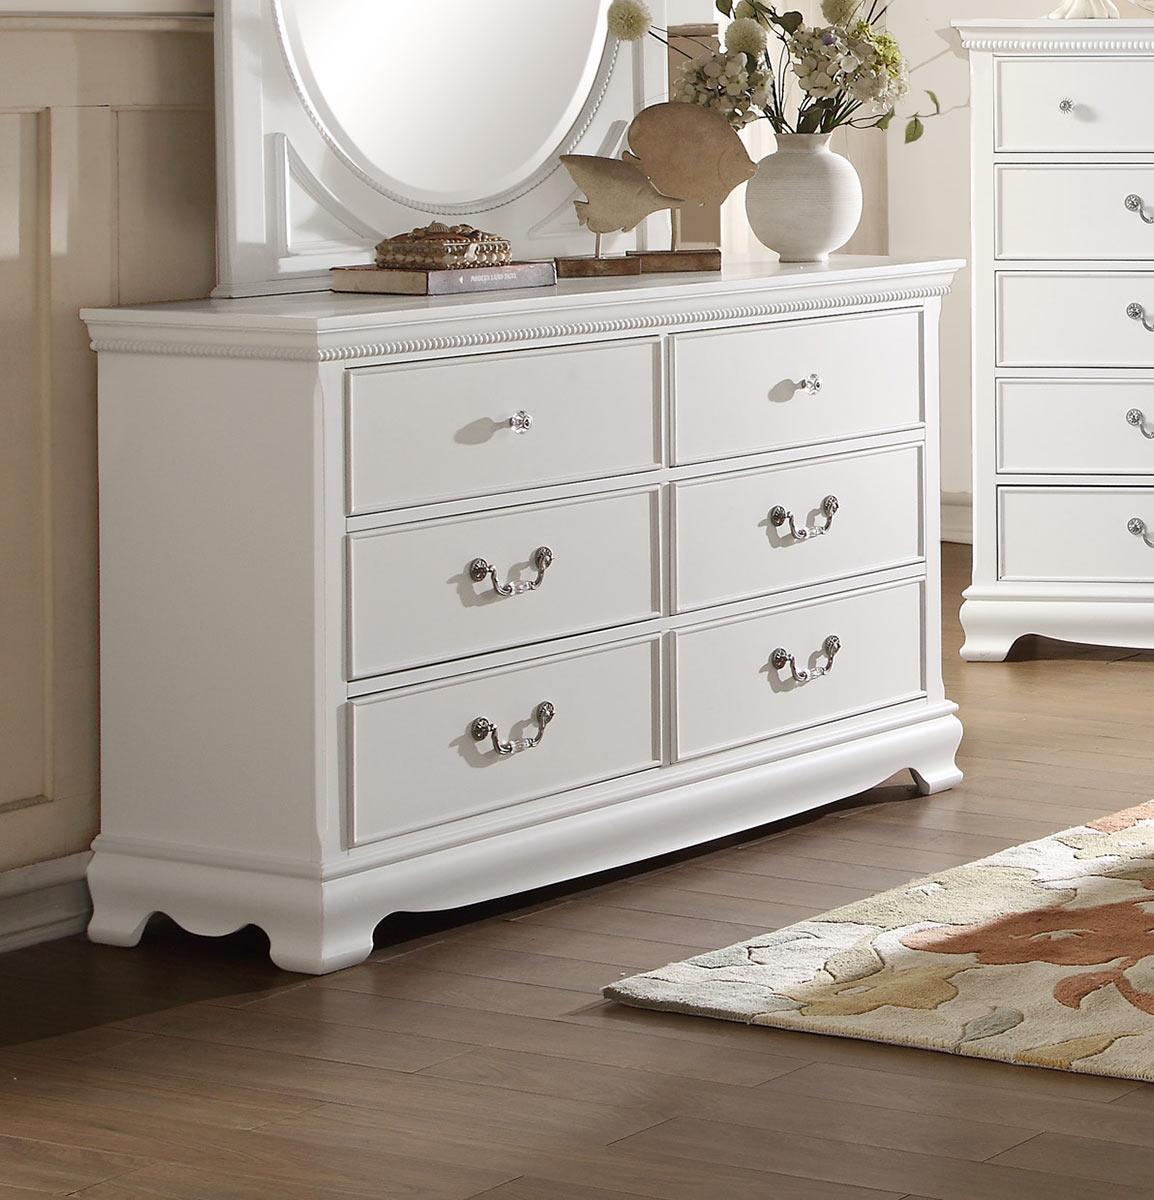 Homelegance Lucida Dresser - White